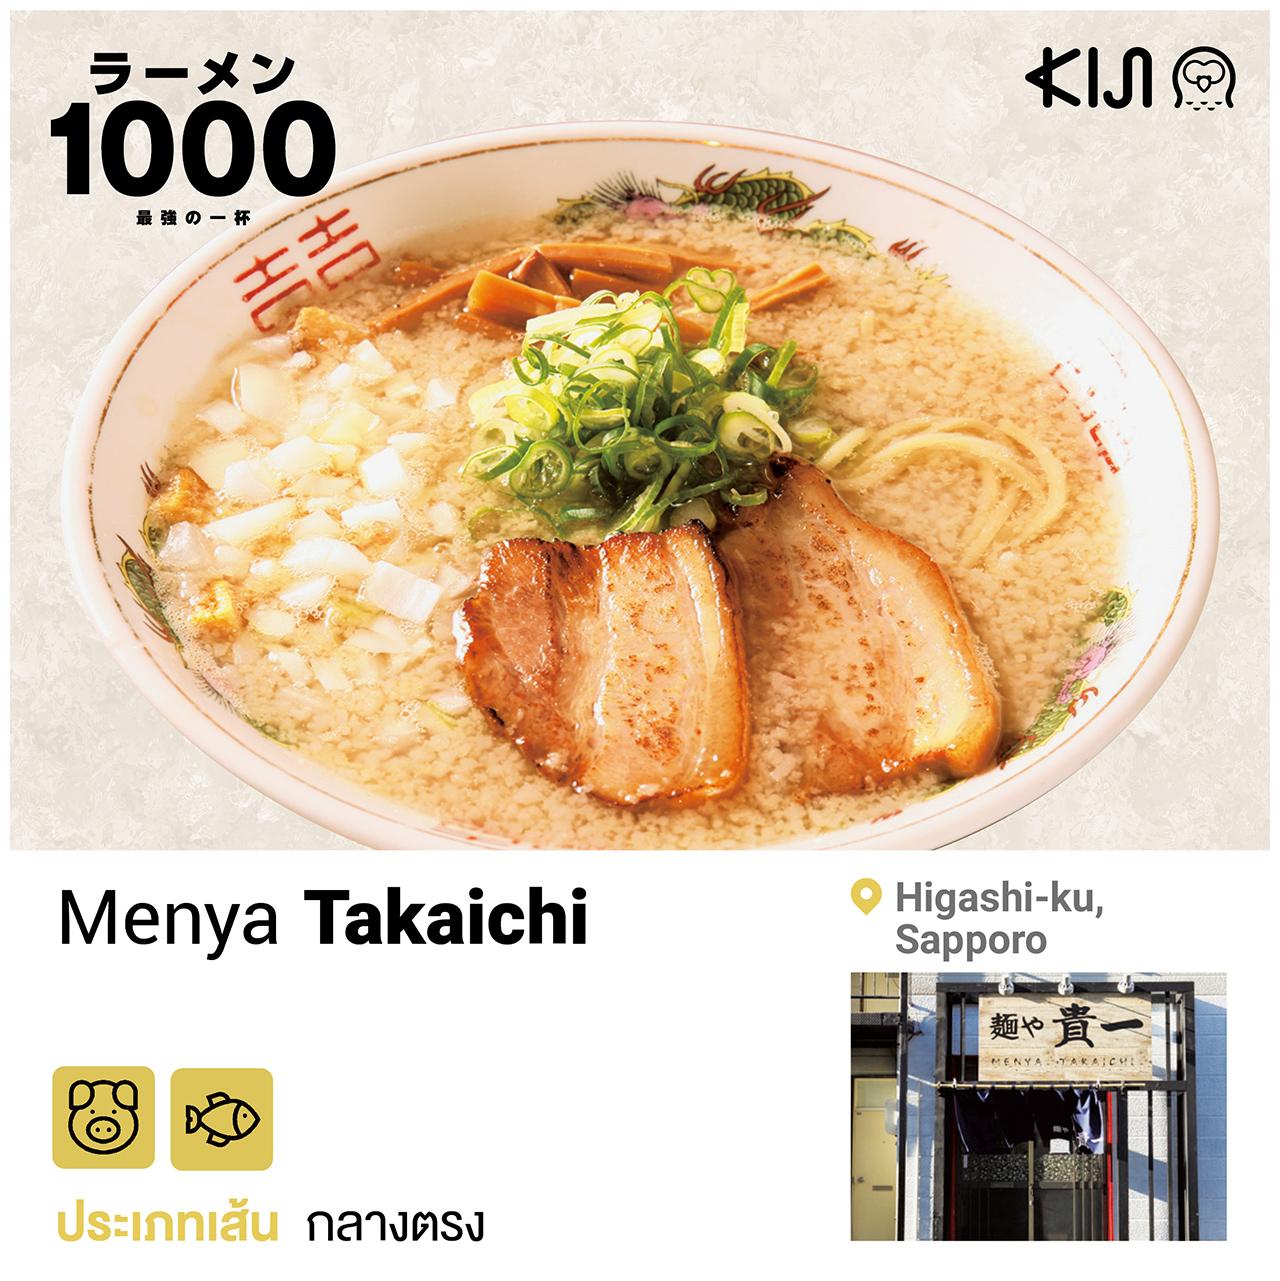 ร้านราเมน เขตฮิกาชิ เมืองซัปโปโร จ.ฮอกไกโด - Menya Takaichi